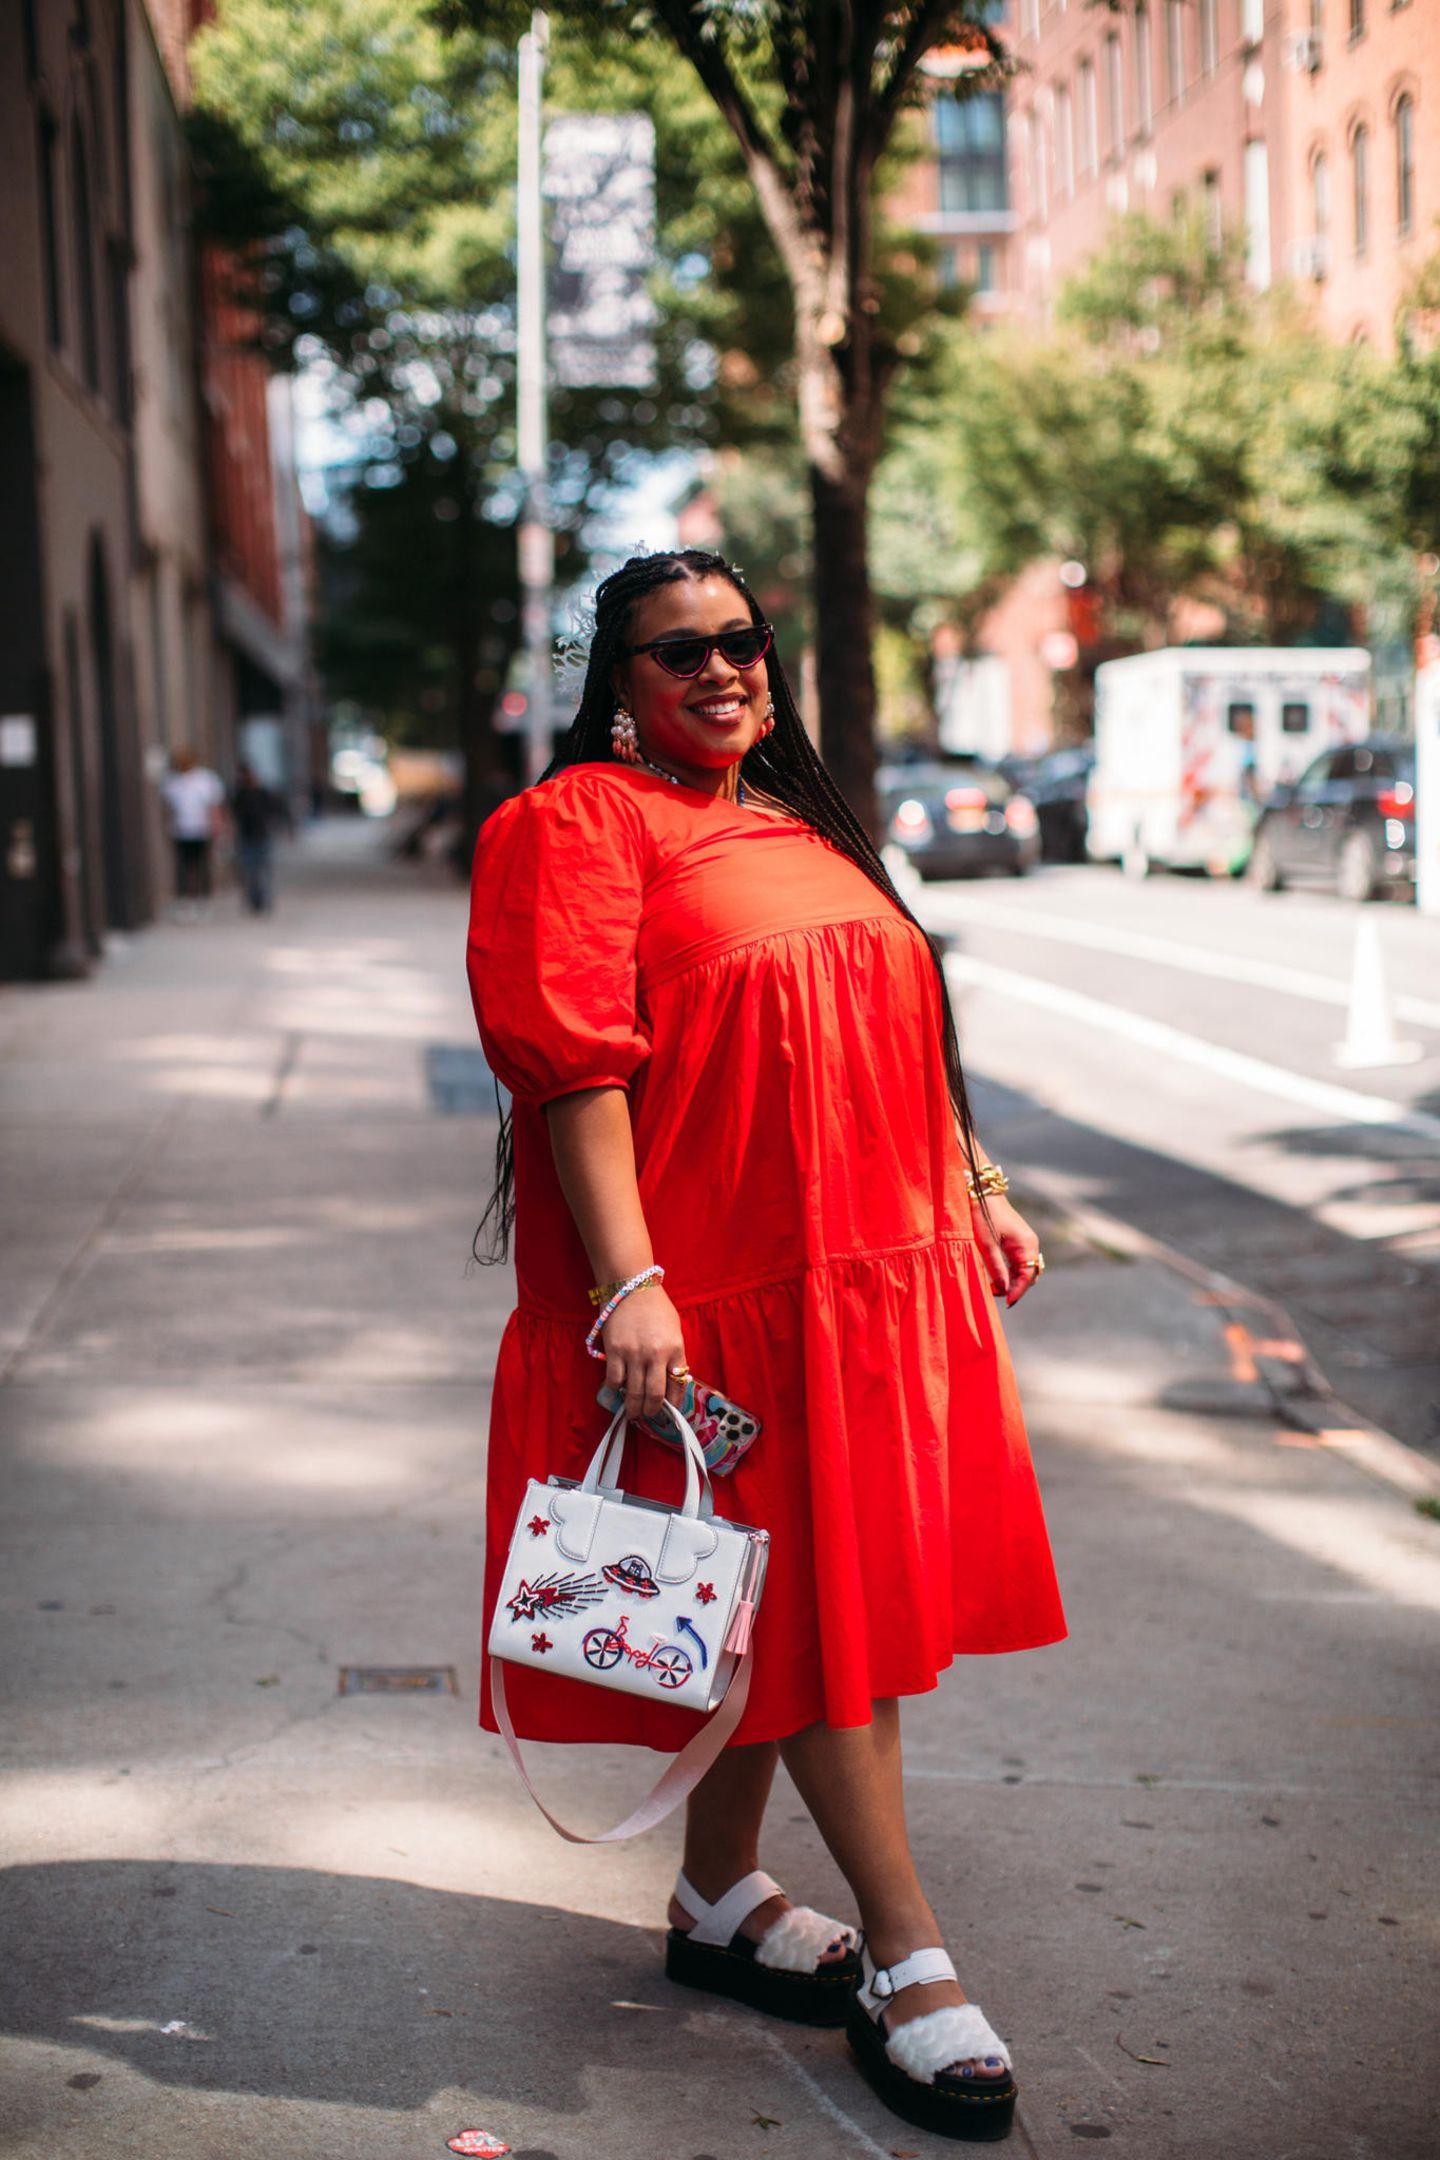 ... beweist diese Influencerin in ihrem knalligen Puffärmel-Kleid. Die weißen Accessoires mit roten Details ergänzen ihren Look perfekt.